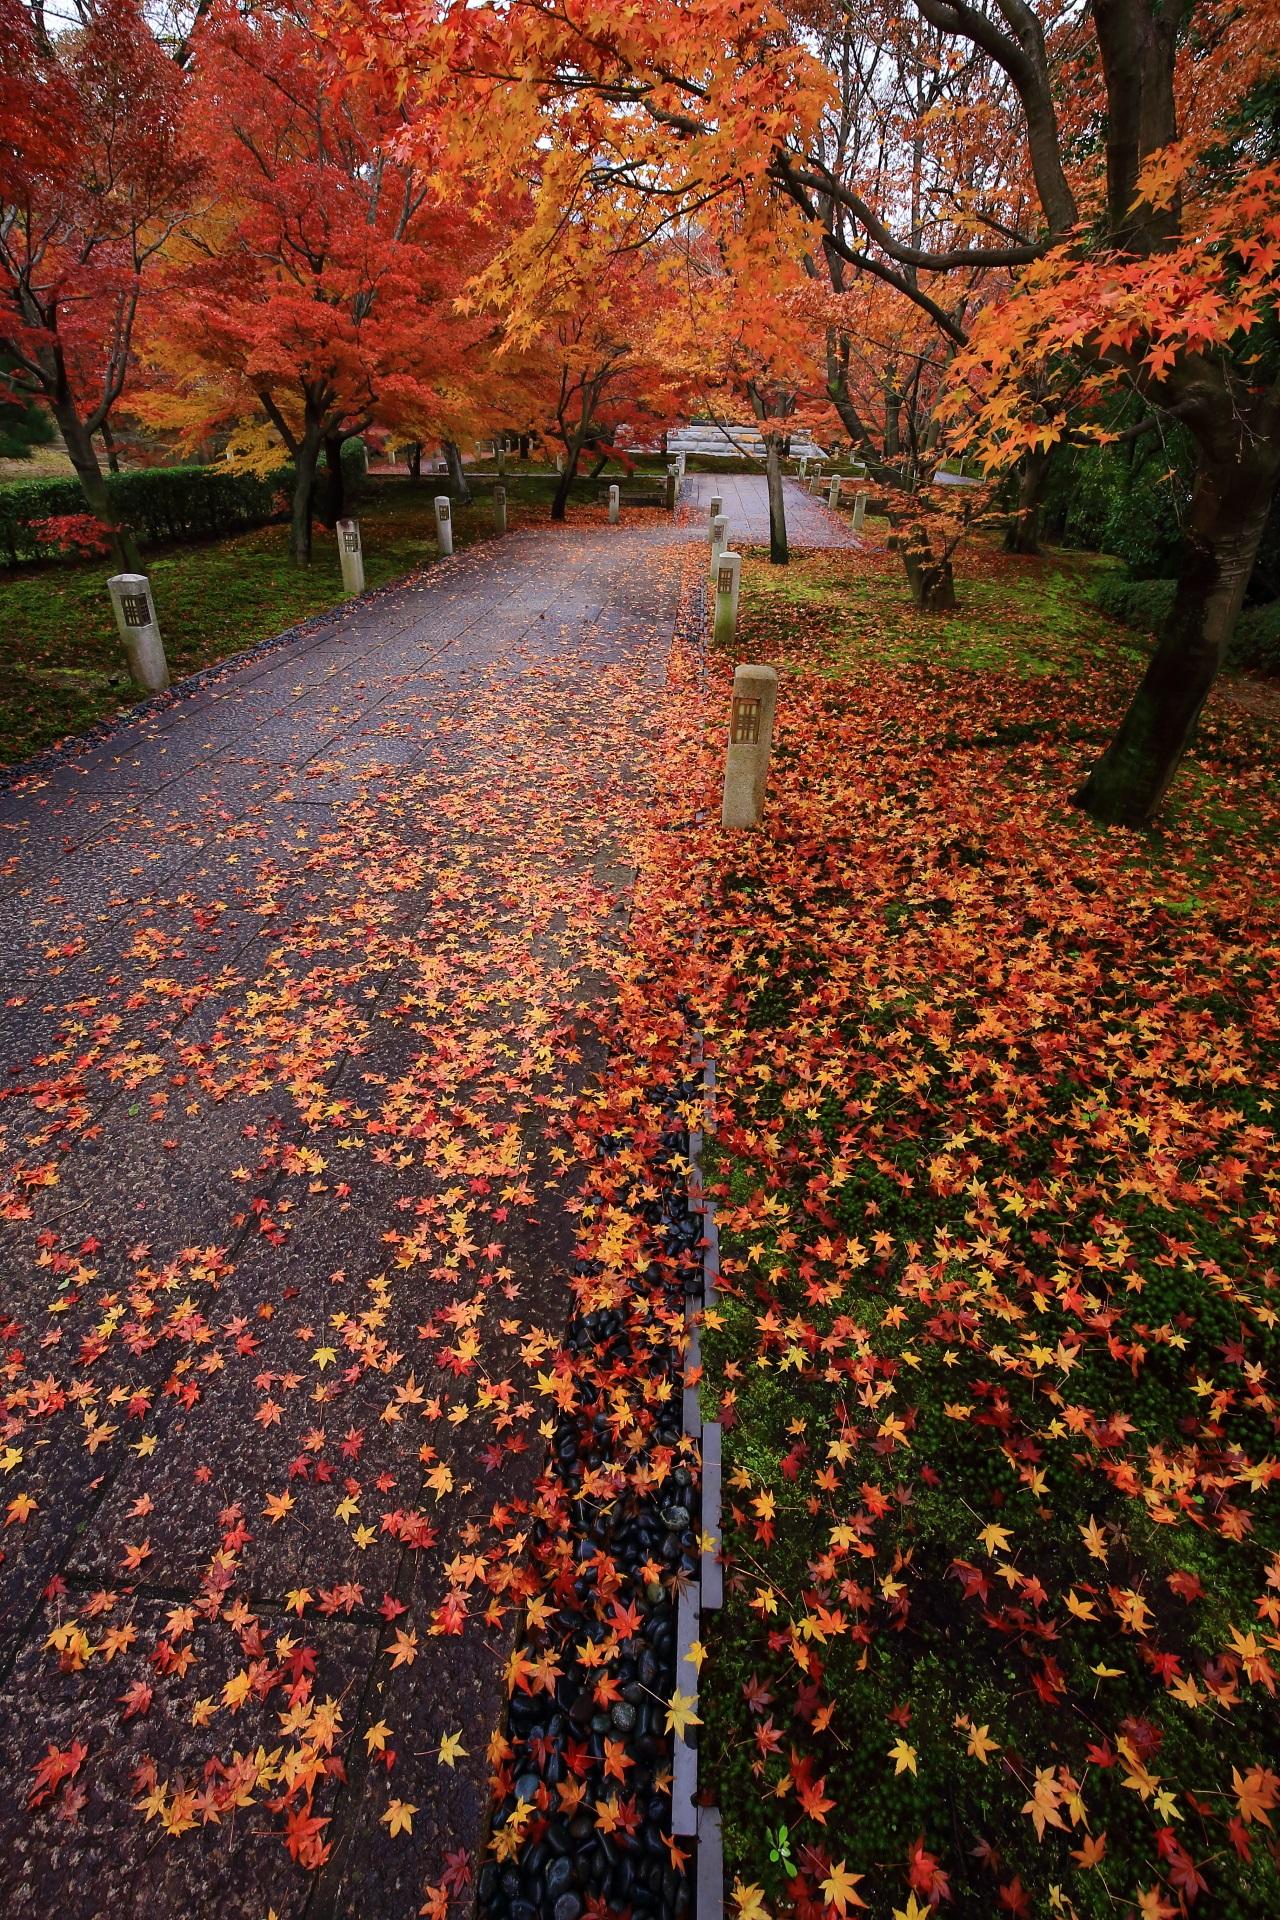 智積院の見事な散りもみじが演出する美しすぎる秋色の空間